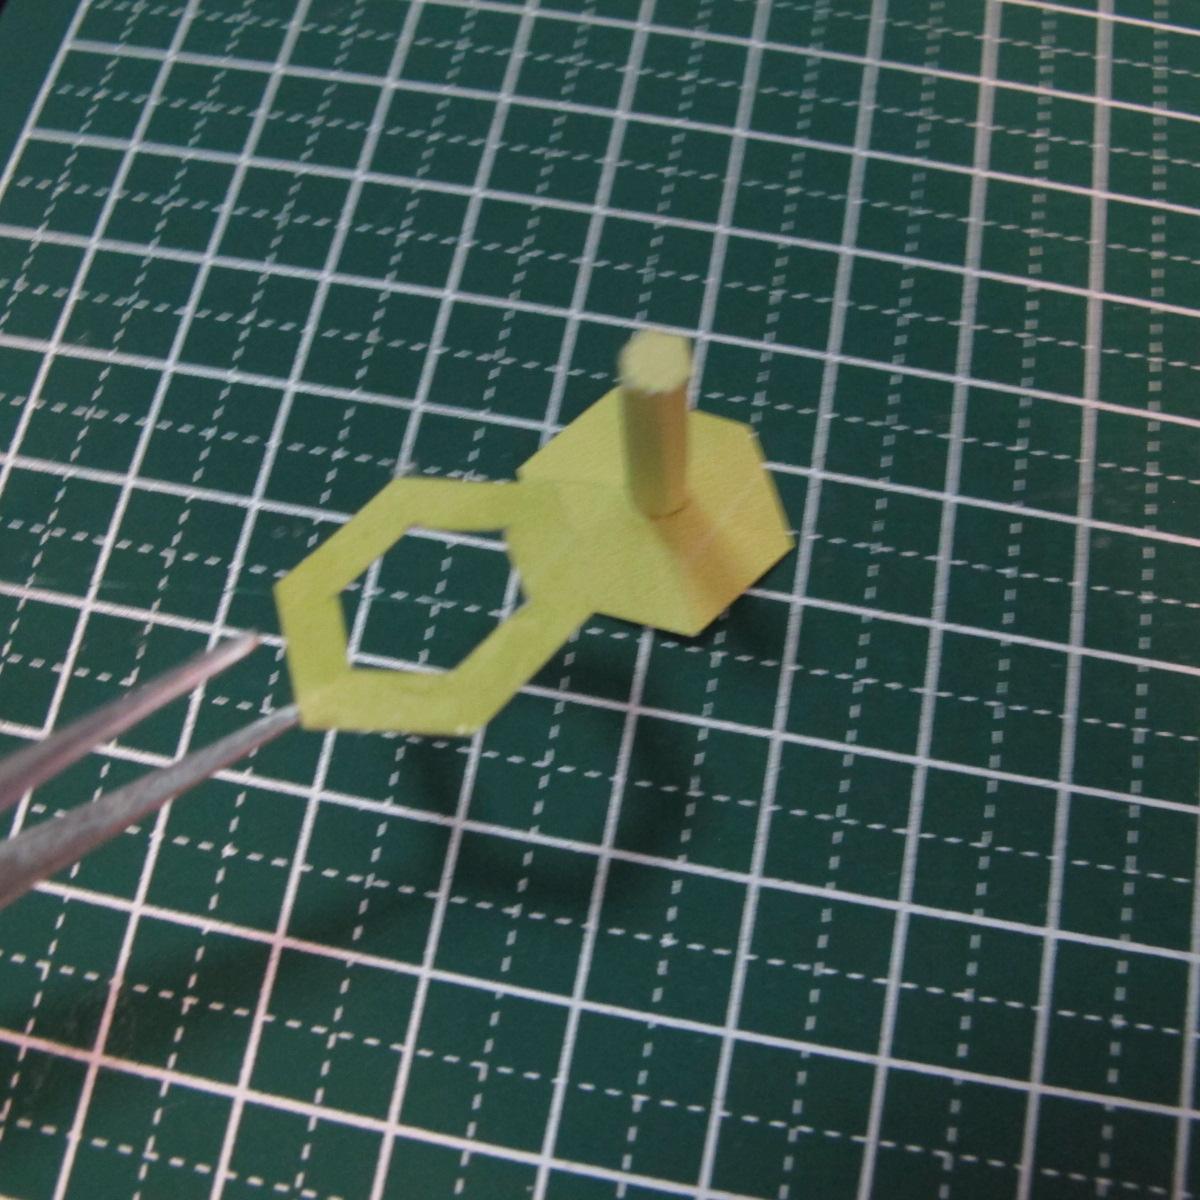 วิธีการทำโมเดลกระดาษเป็นสตอเบอรี่สีแดง 009